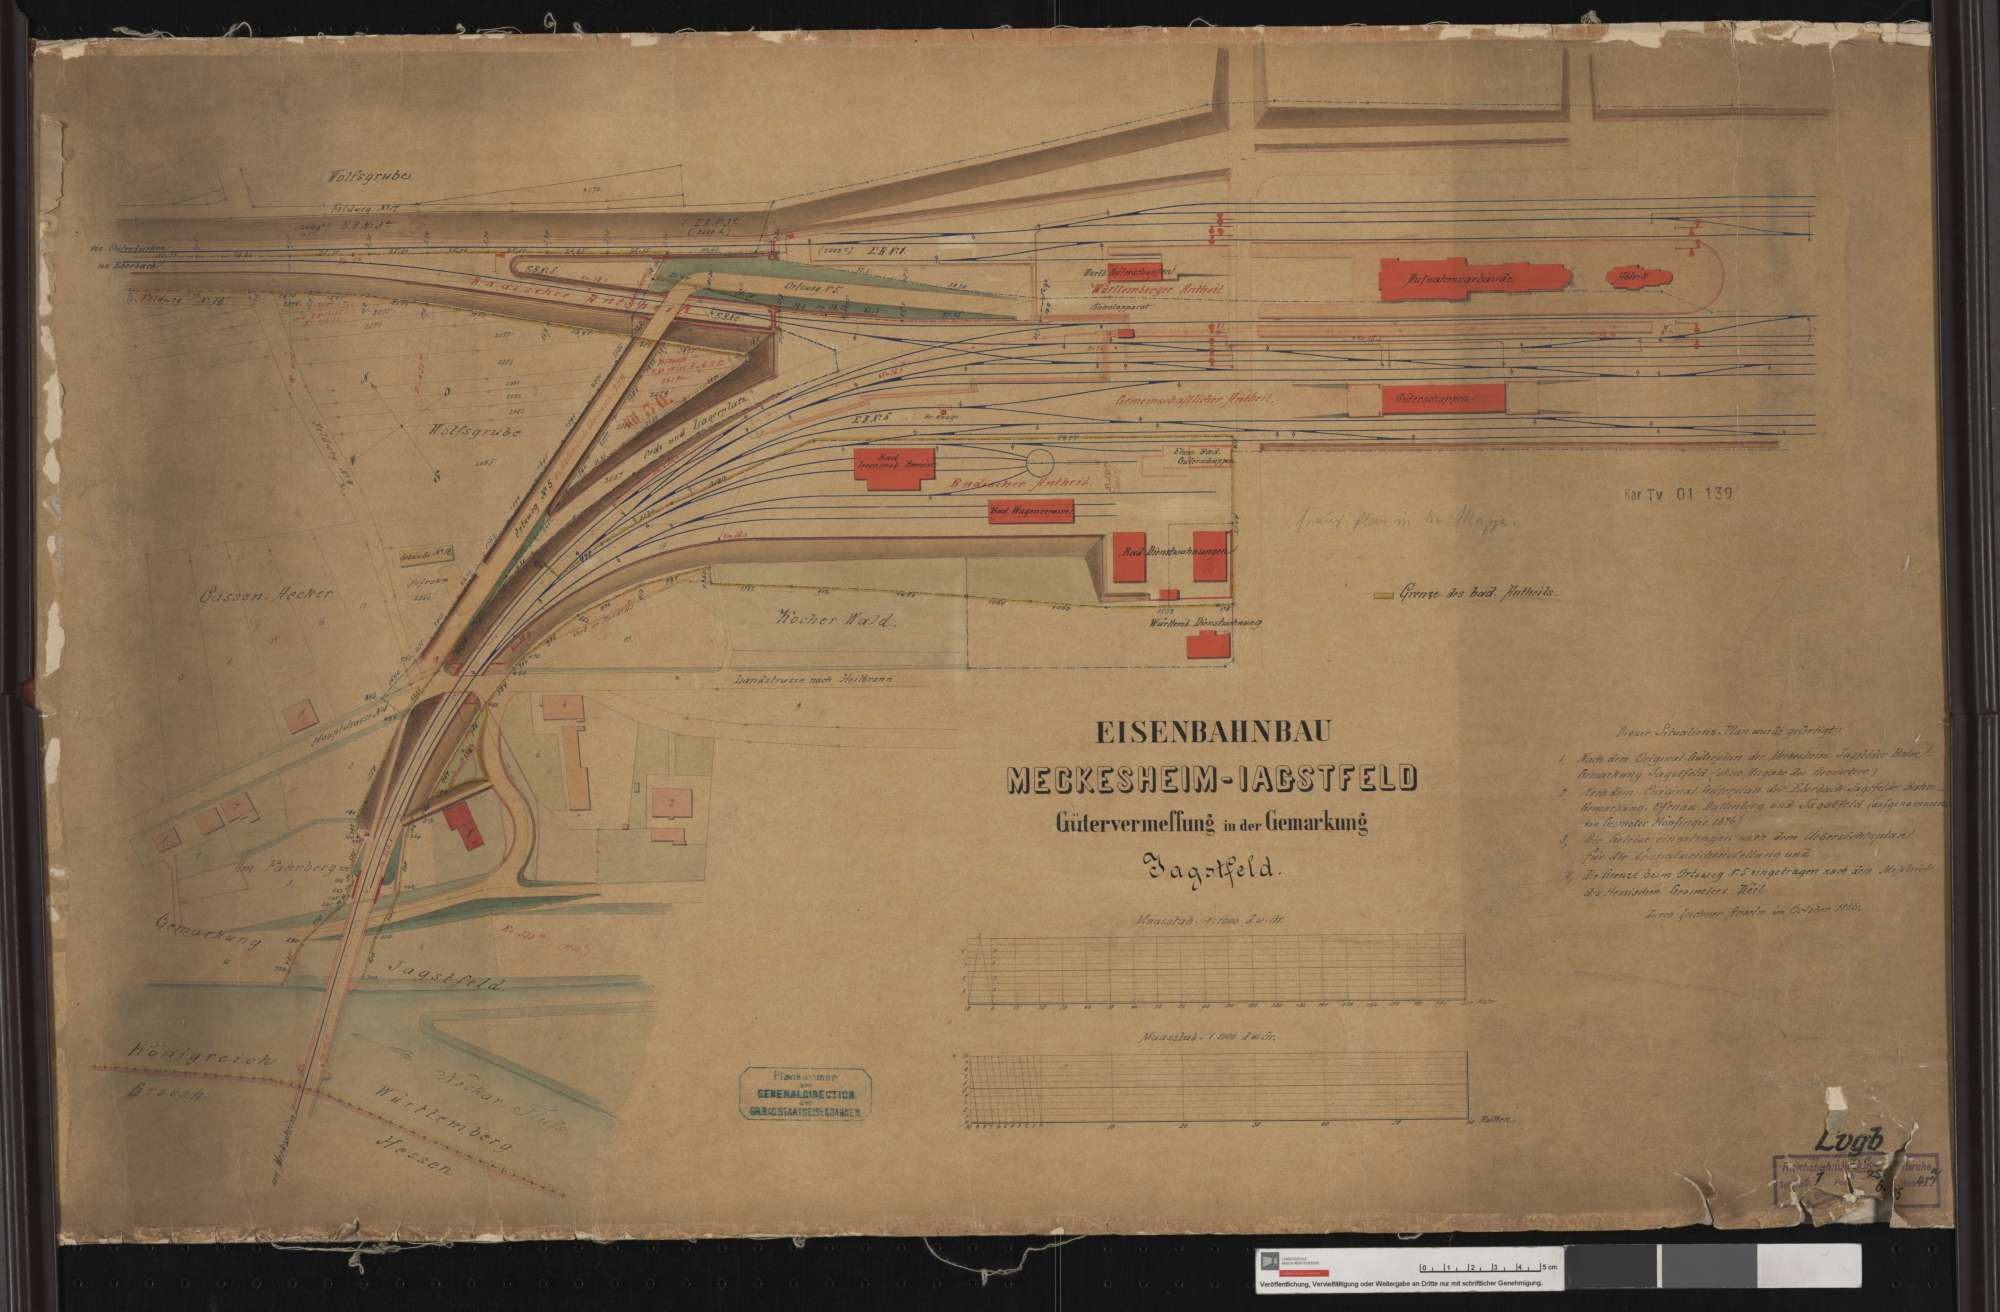 Bahn von Meckesheim bis Jagstfeld: Lageplan über die Baulinien zwischen der Römerstraße und der Bahnhofstraße in Jagstfeld Streckenausschnitt: 35,7 bis 36,4 km, Bild 1